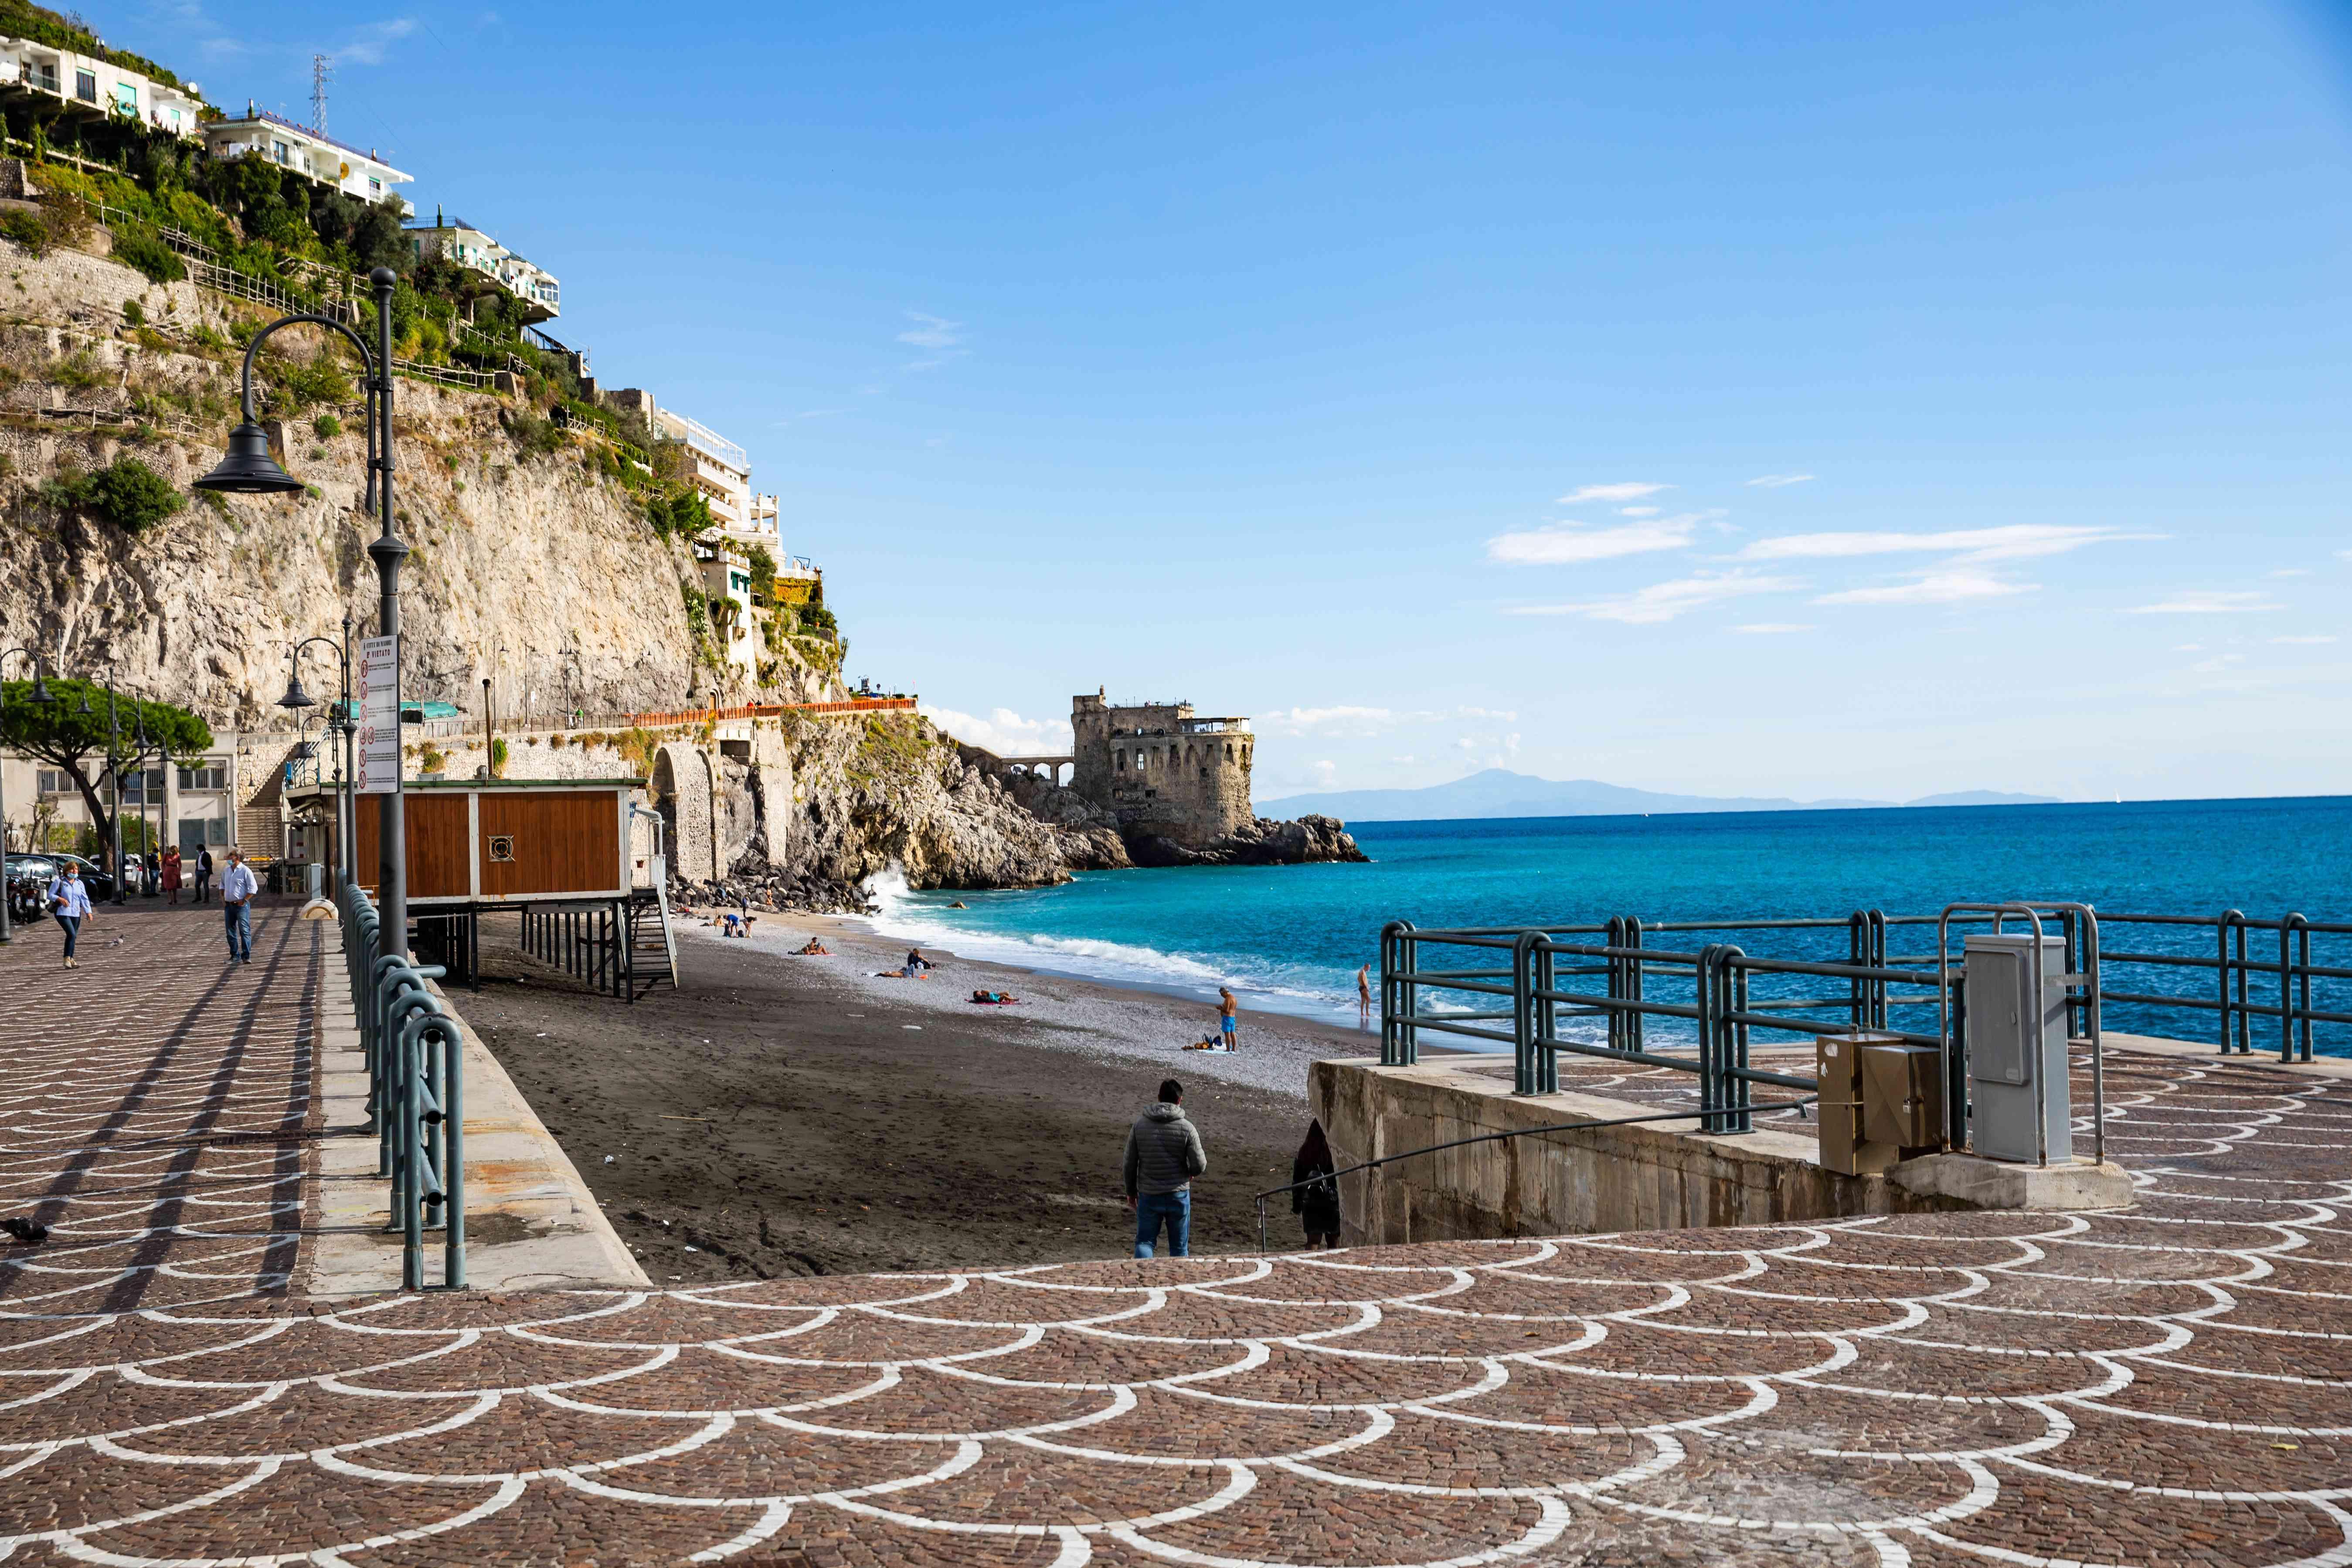 Maiori Beach in Amalfi, Italy